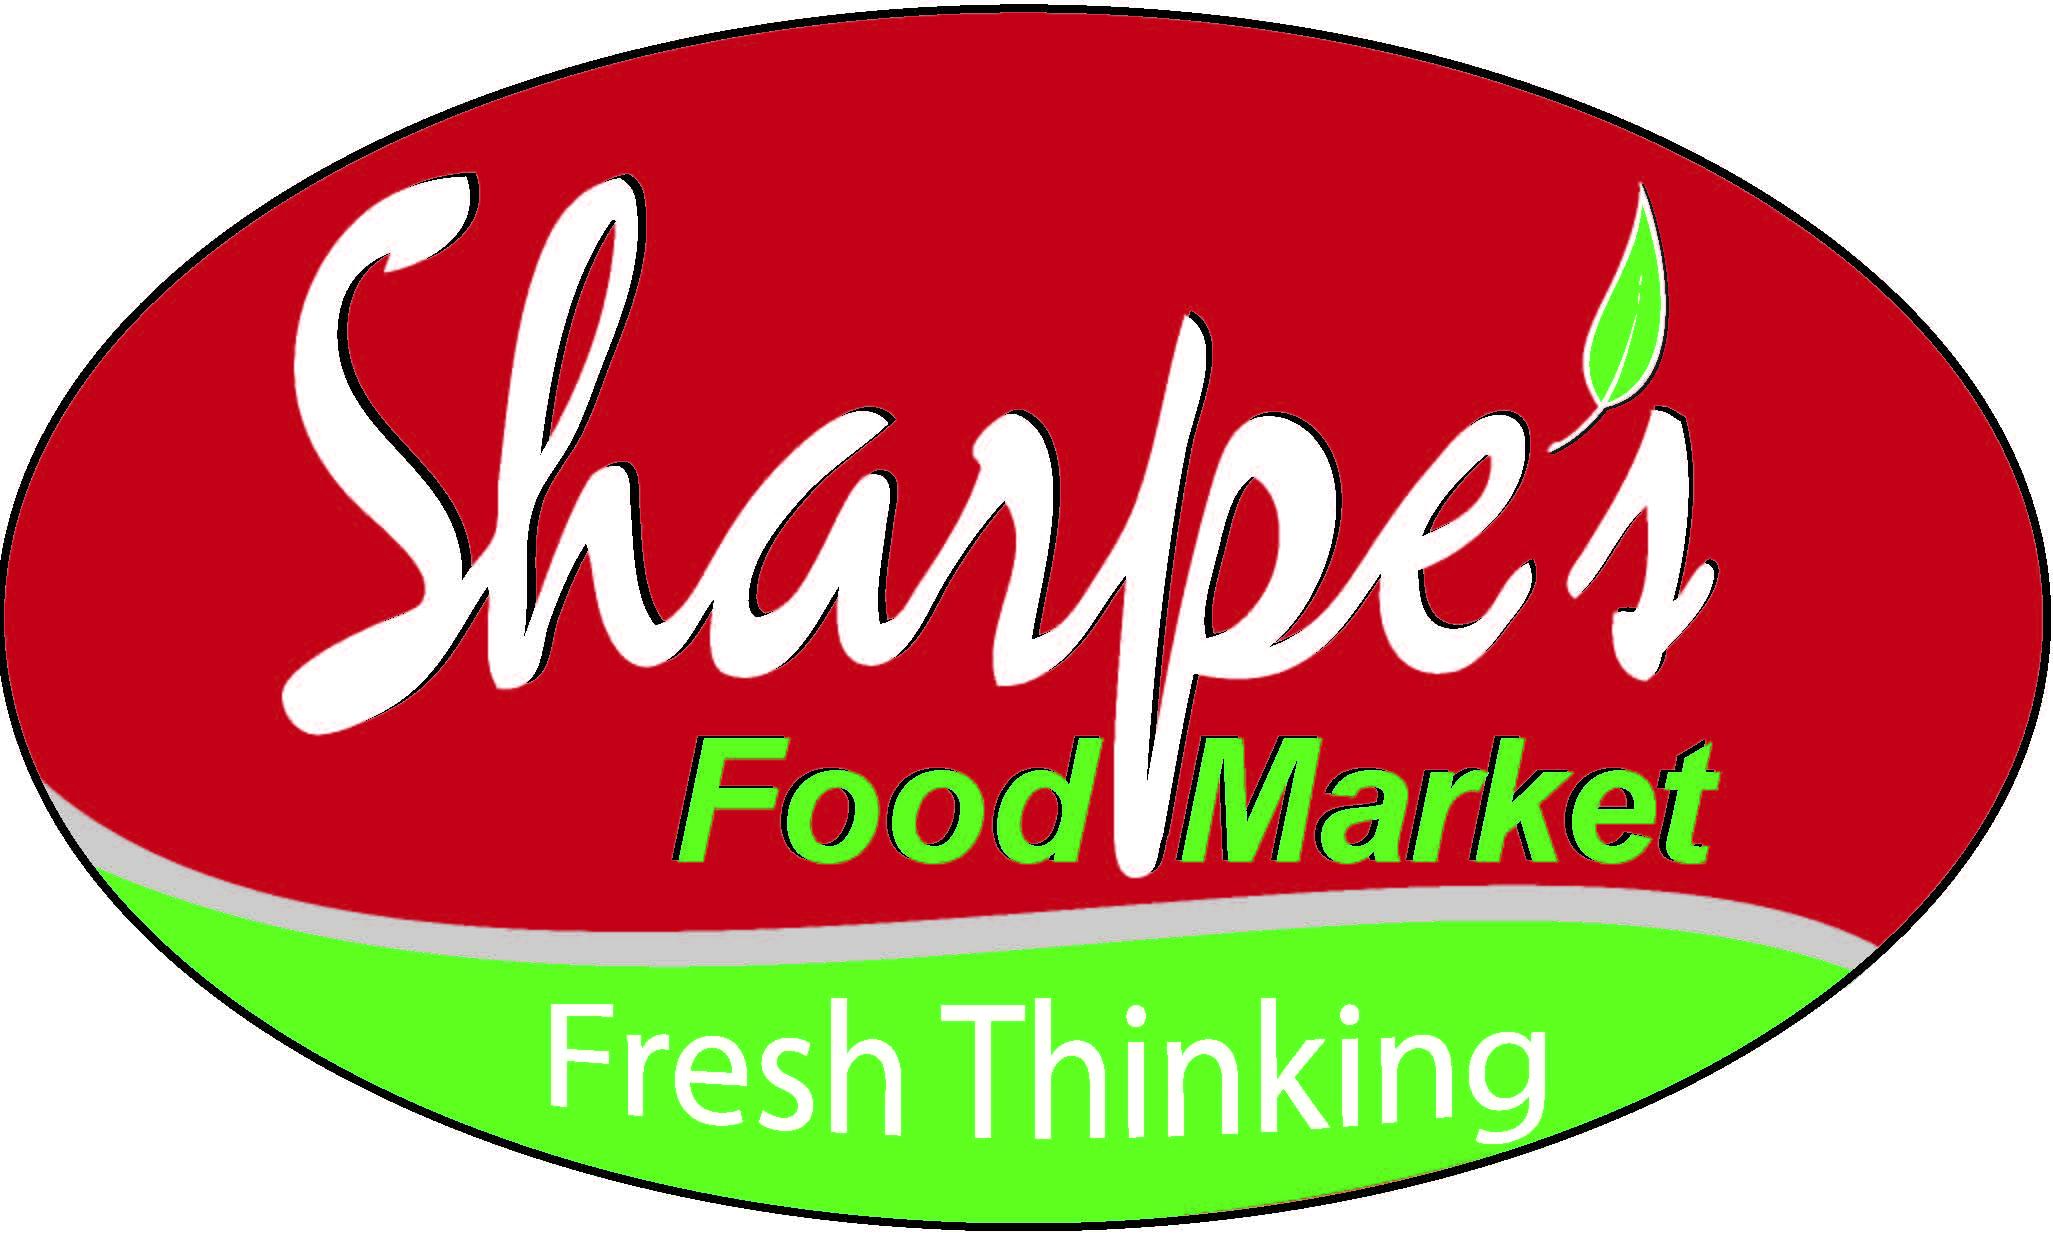 Sharpes 2011 new logo.jpg